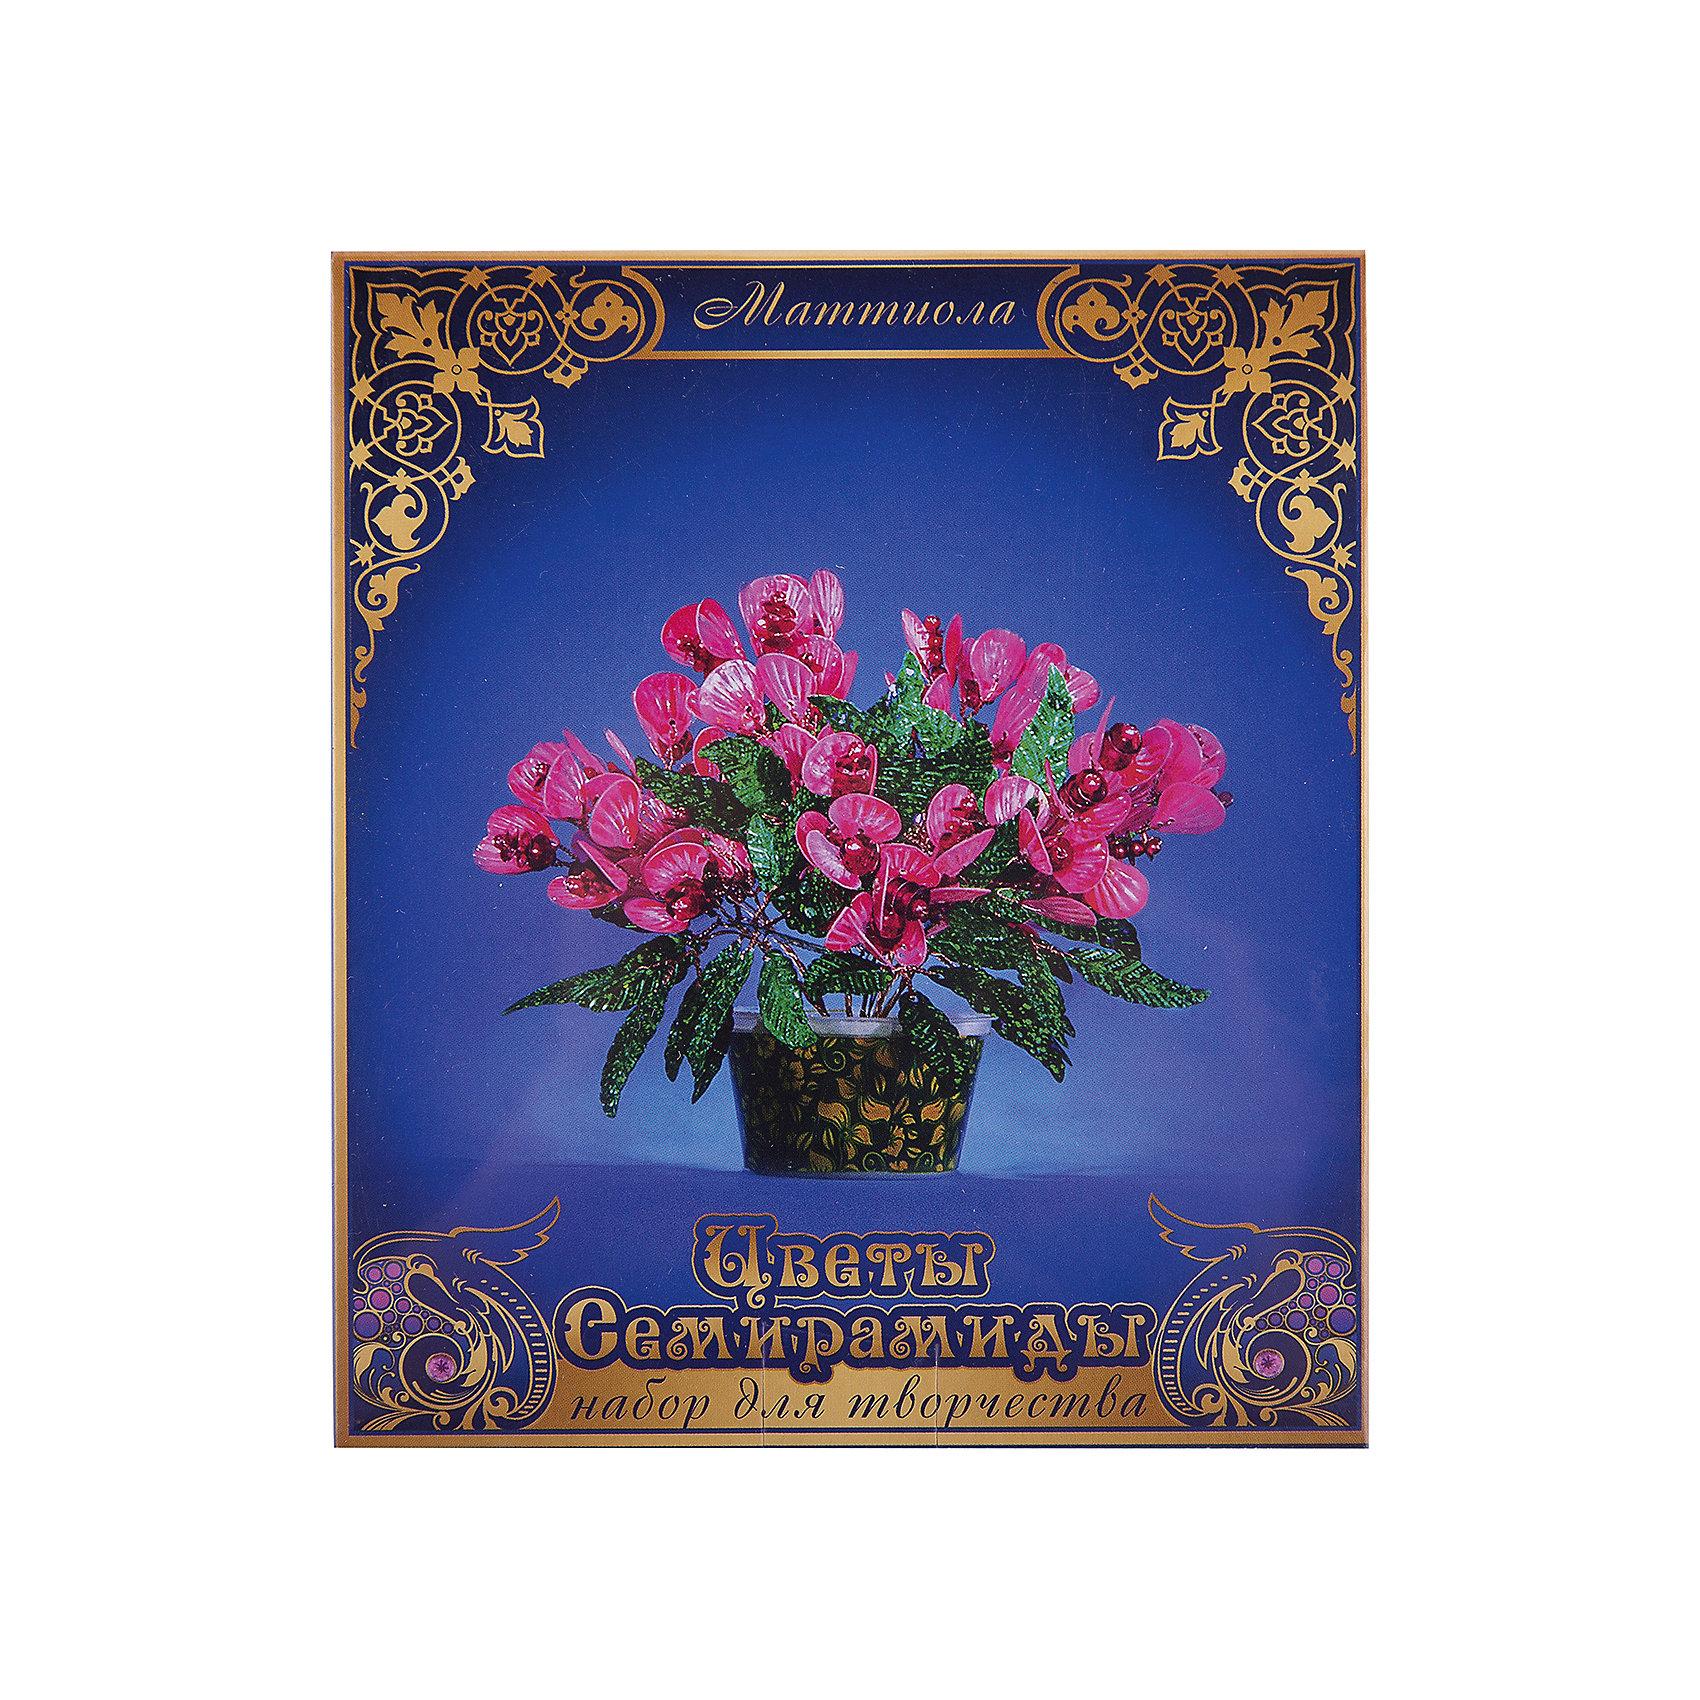 - Набор для творчества Цветы Семирамиды Маттиола наборы для творчества lori набор для изготовления барельефов из гипса мотоциклы